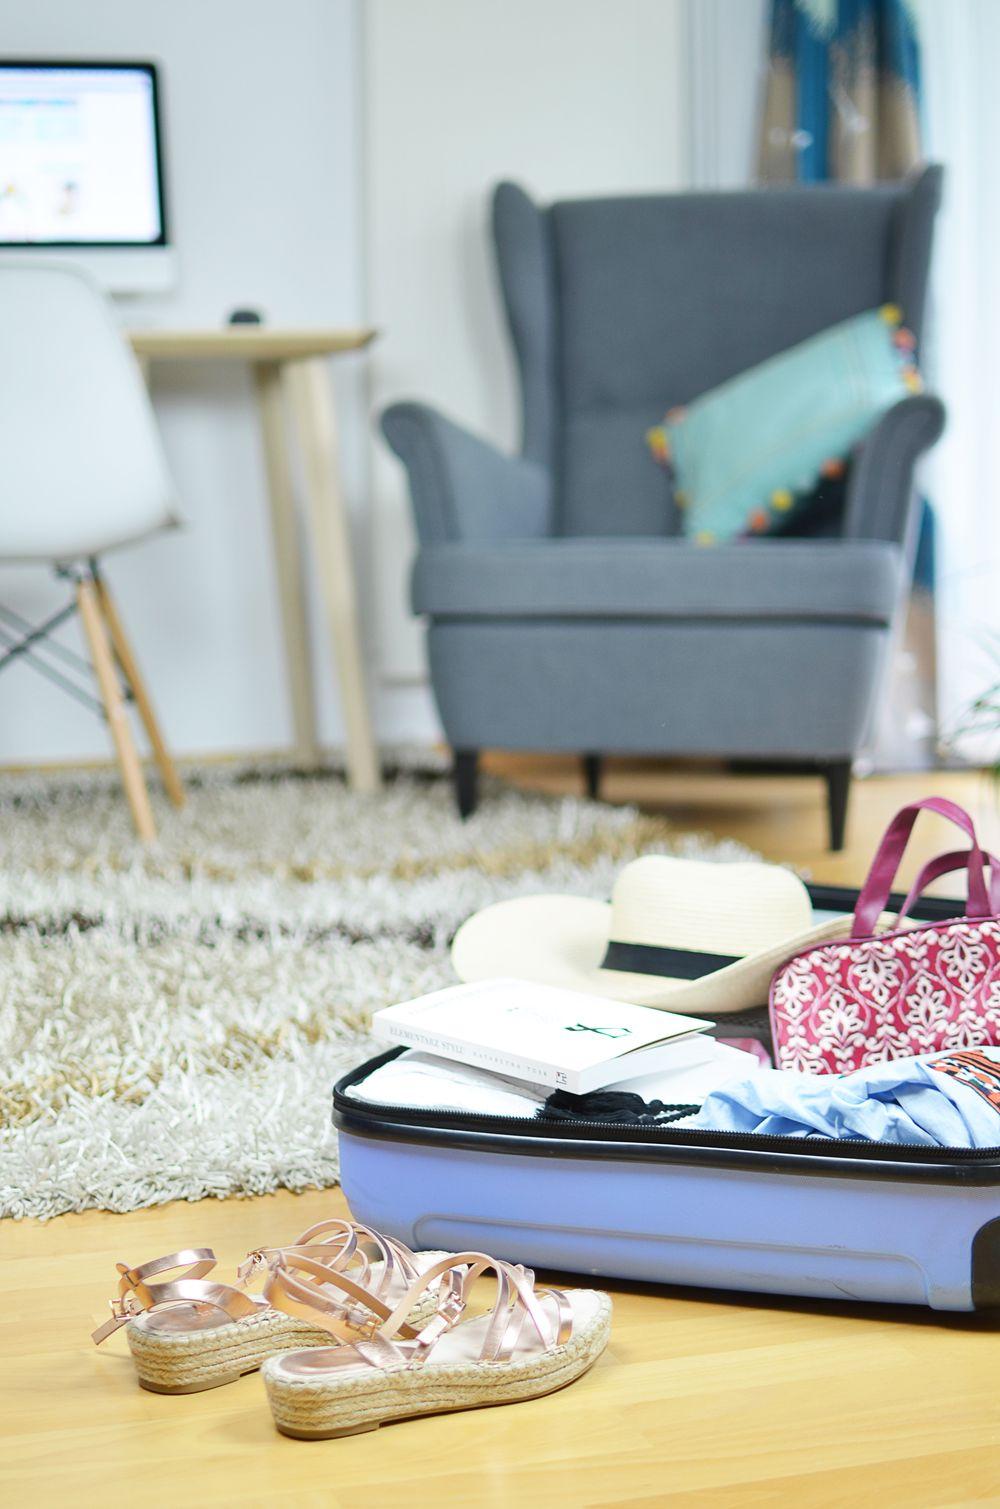 Wakacyjny niezbędnik. Jak spakować bagaż podręczny?